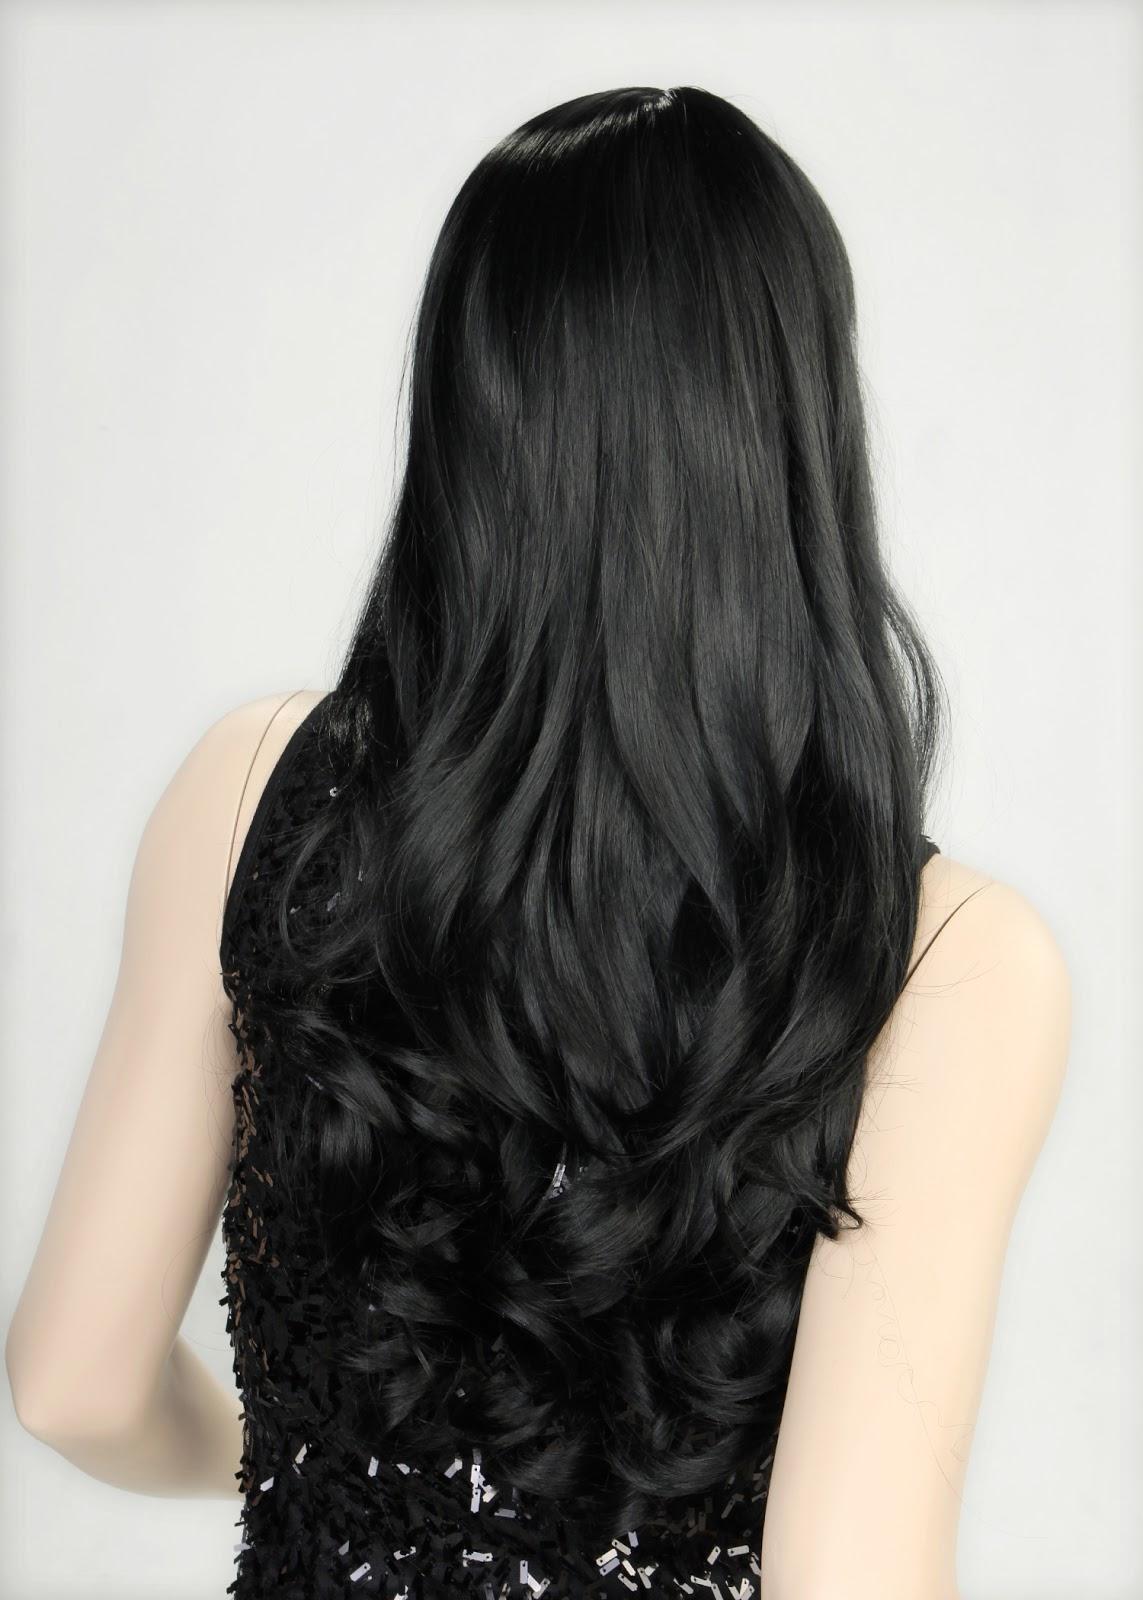 صور بنات شعر اسود طويل , صبغة الشعر الاسود